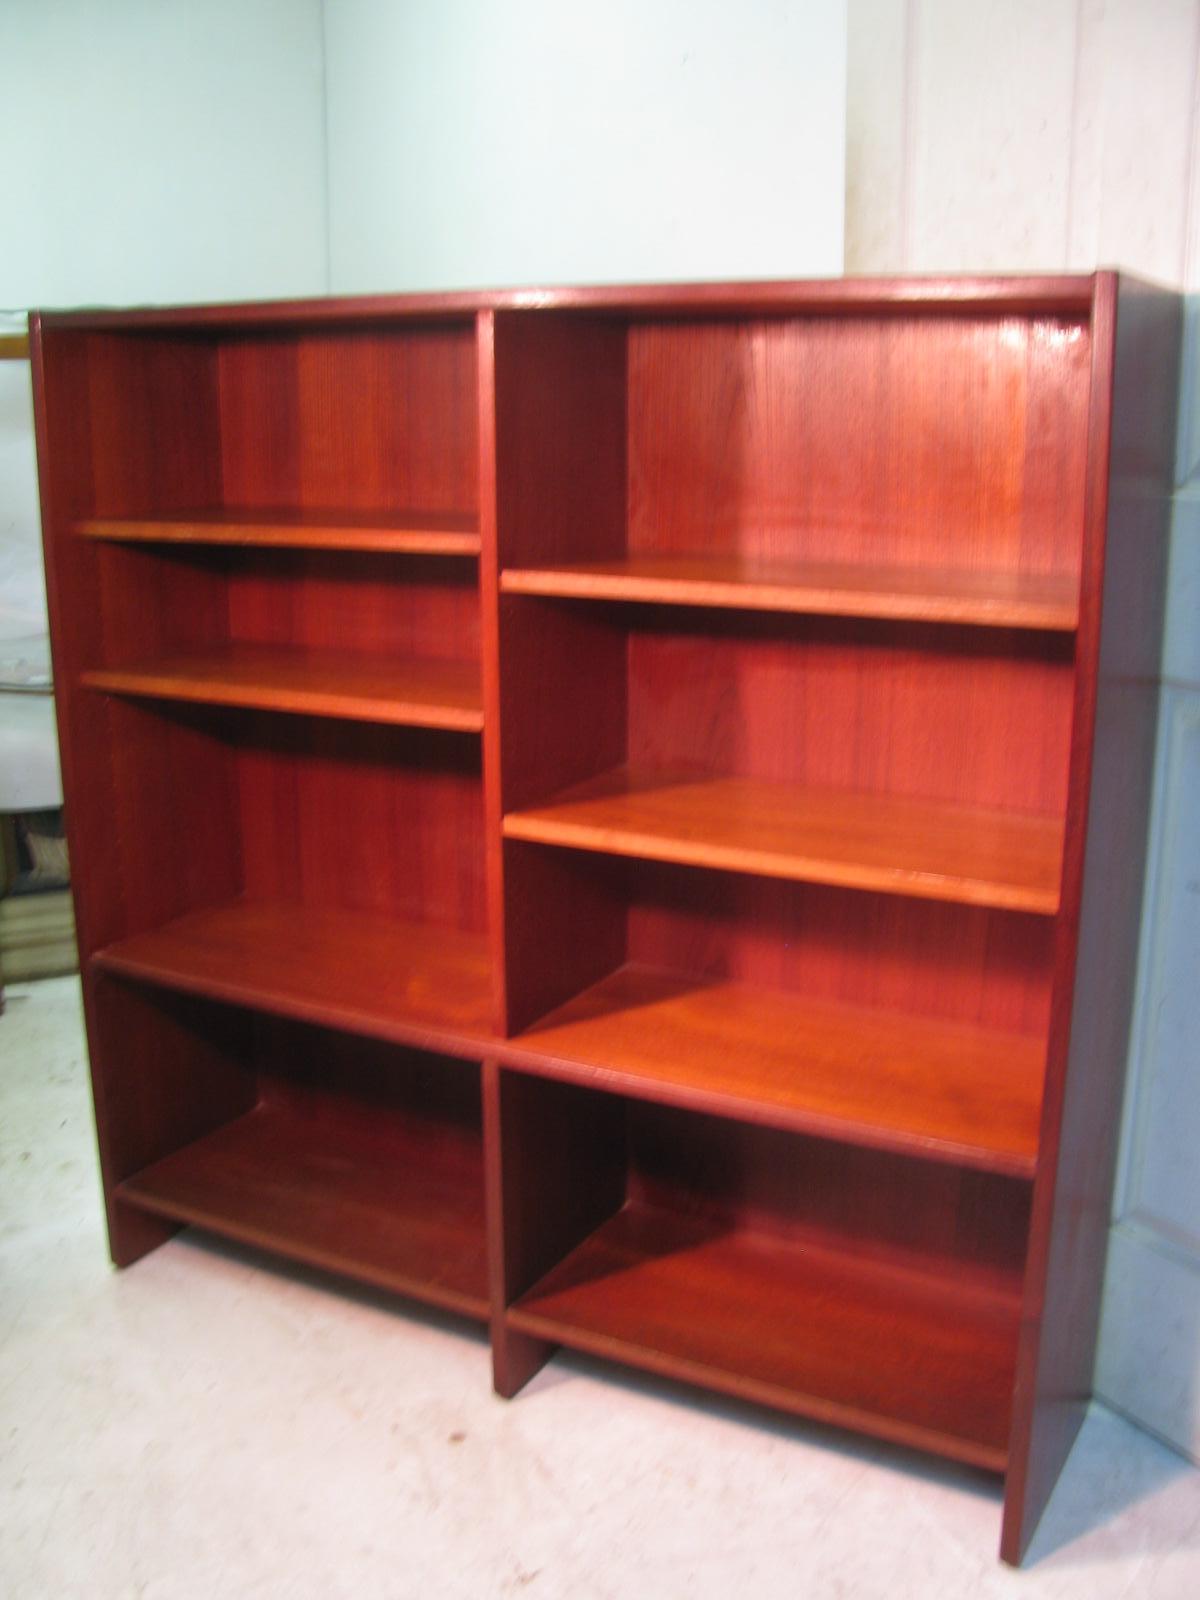 Midcentury Scandanavian Teak Bookcase With Glass Doors